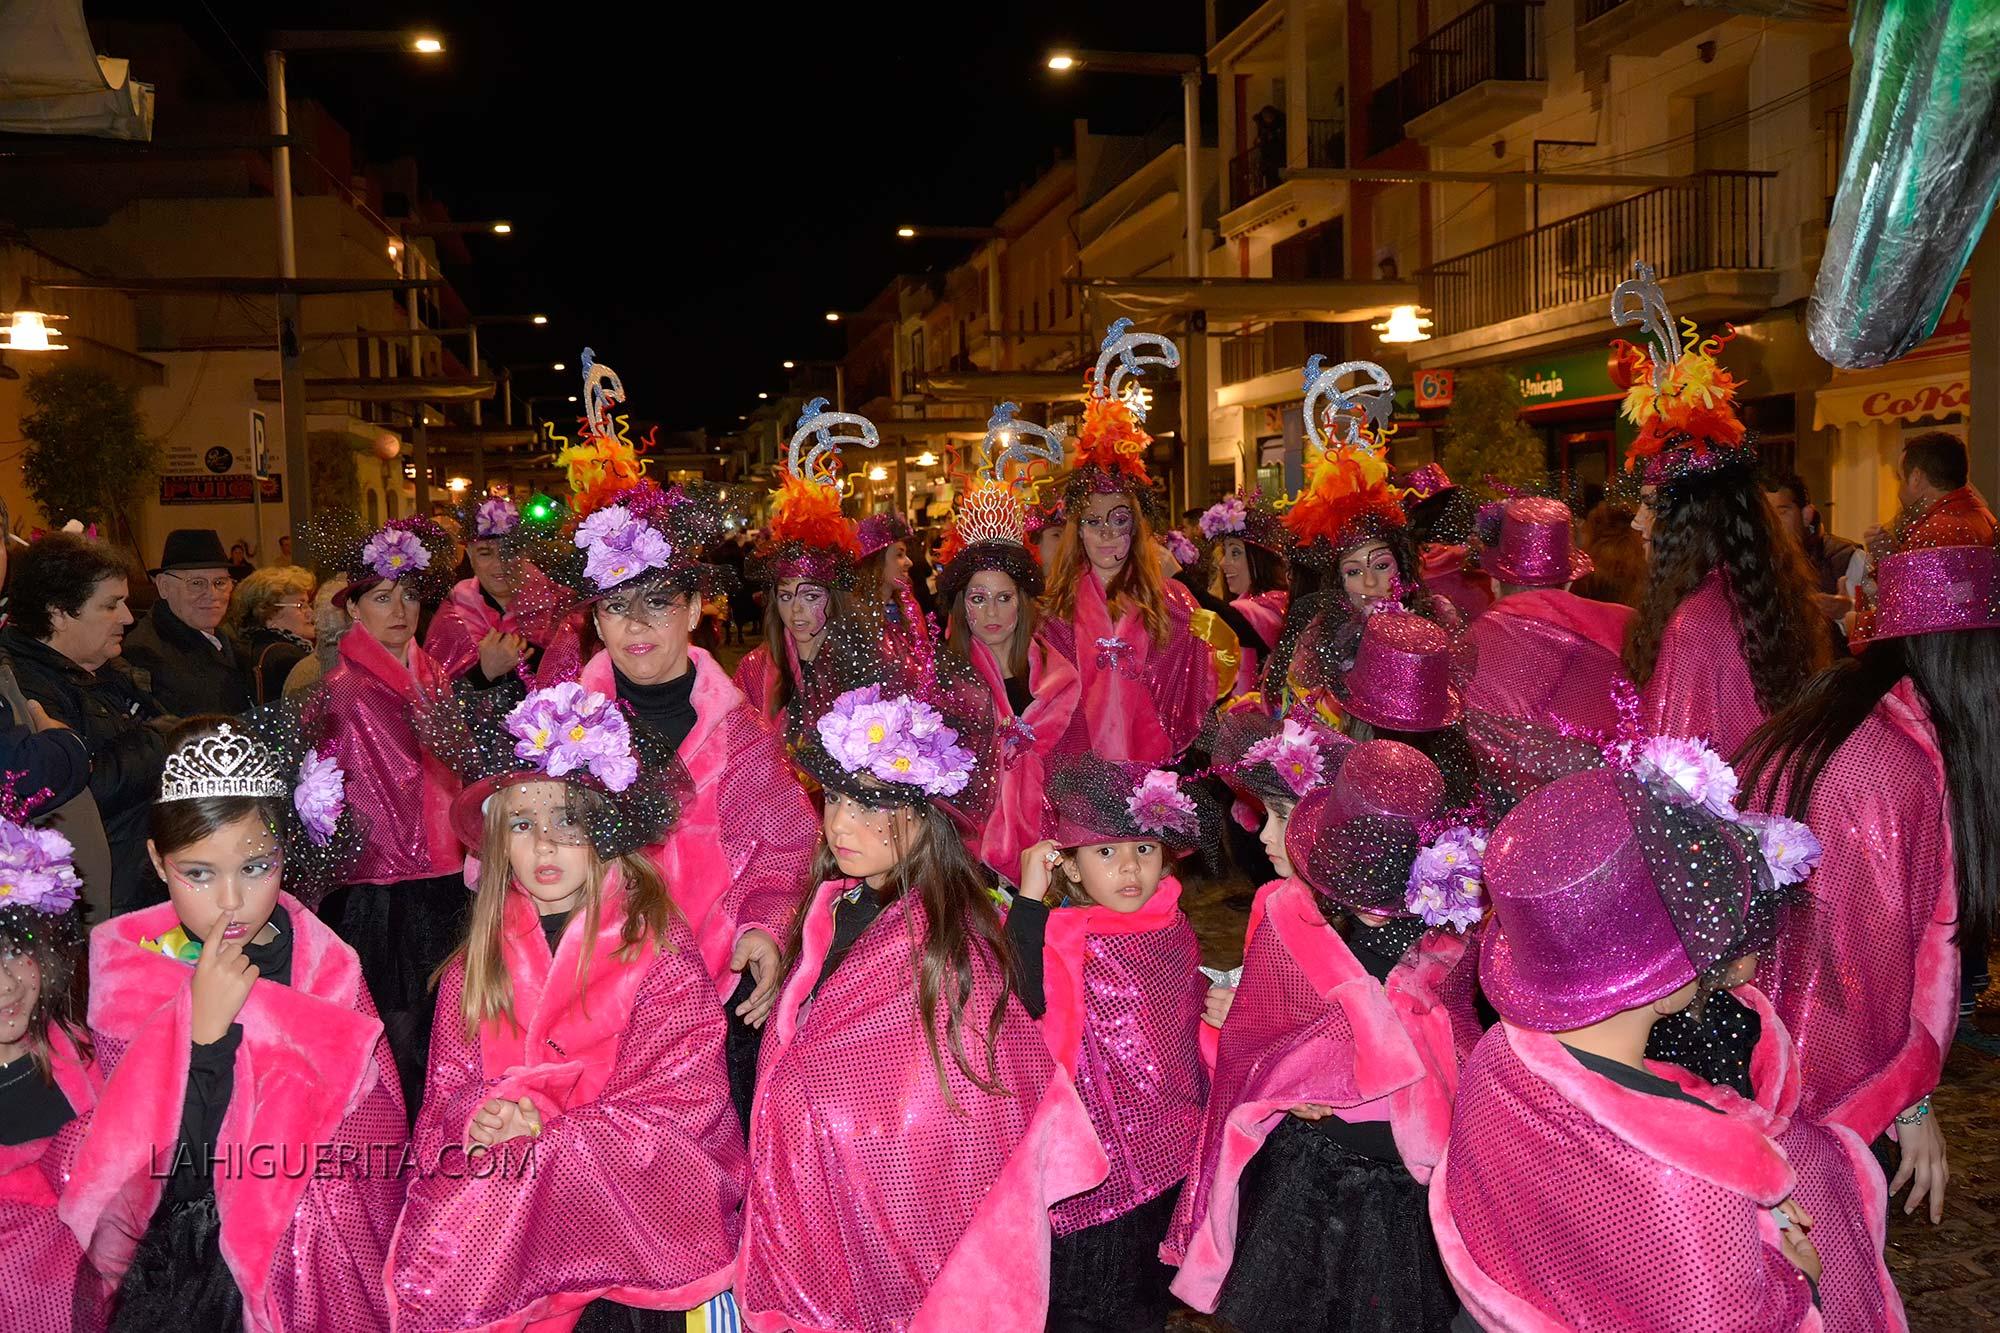 Entierro de la sardina carnaval isla cristina _DSC1972